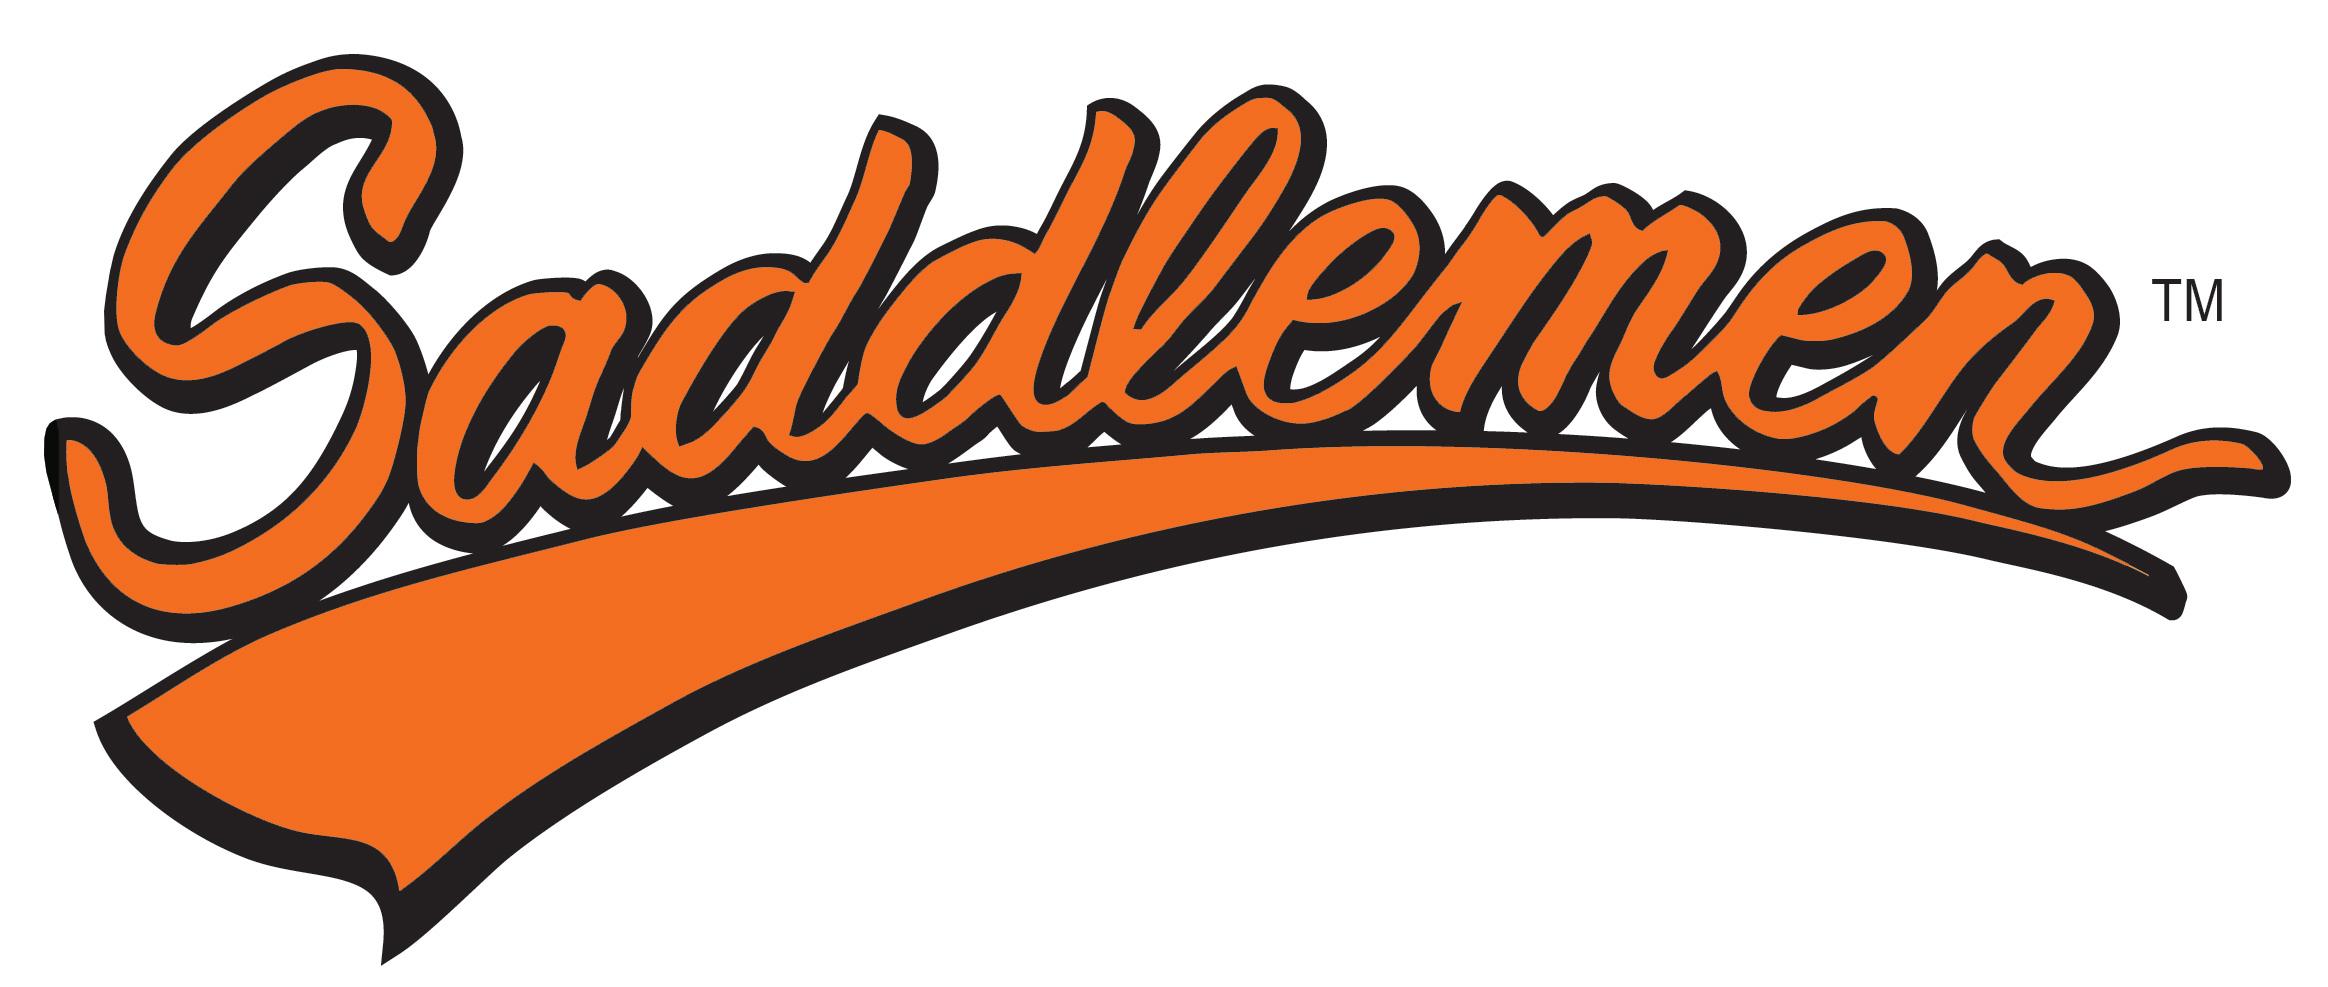 Saddlemen